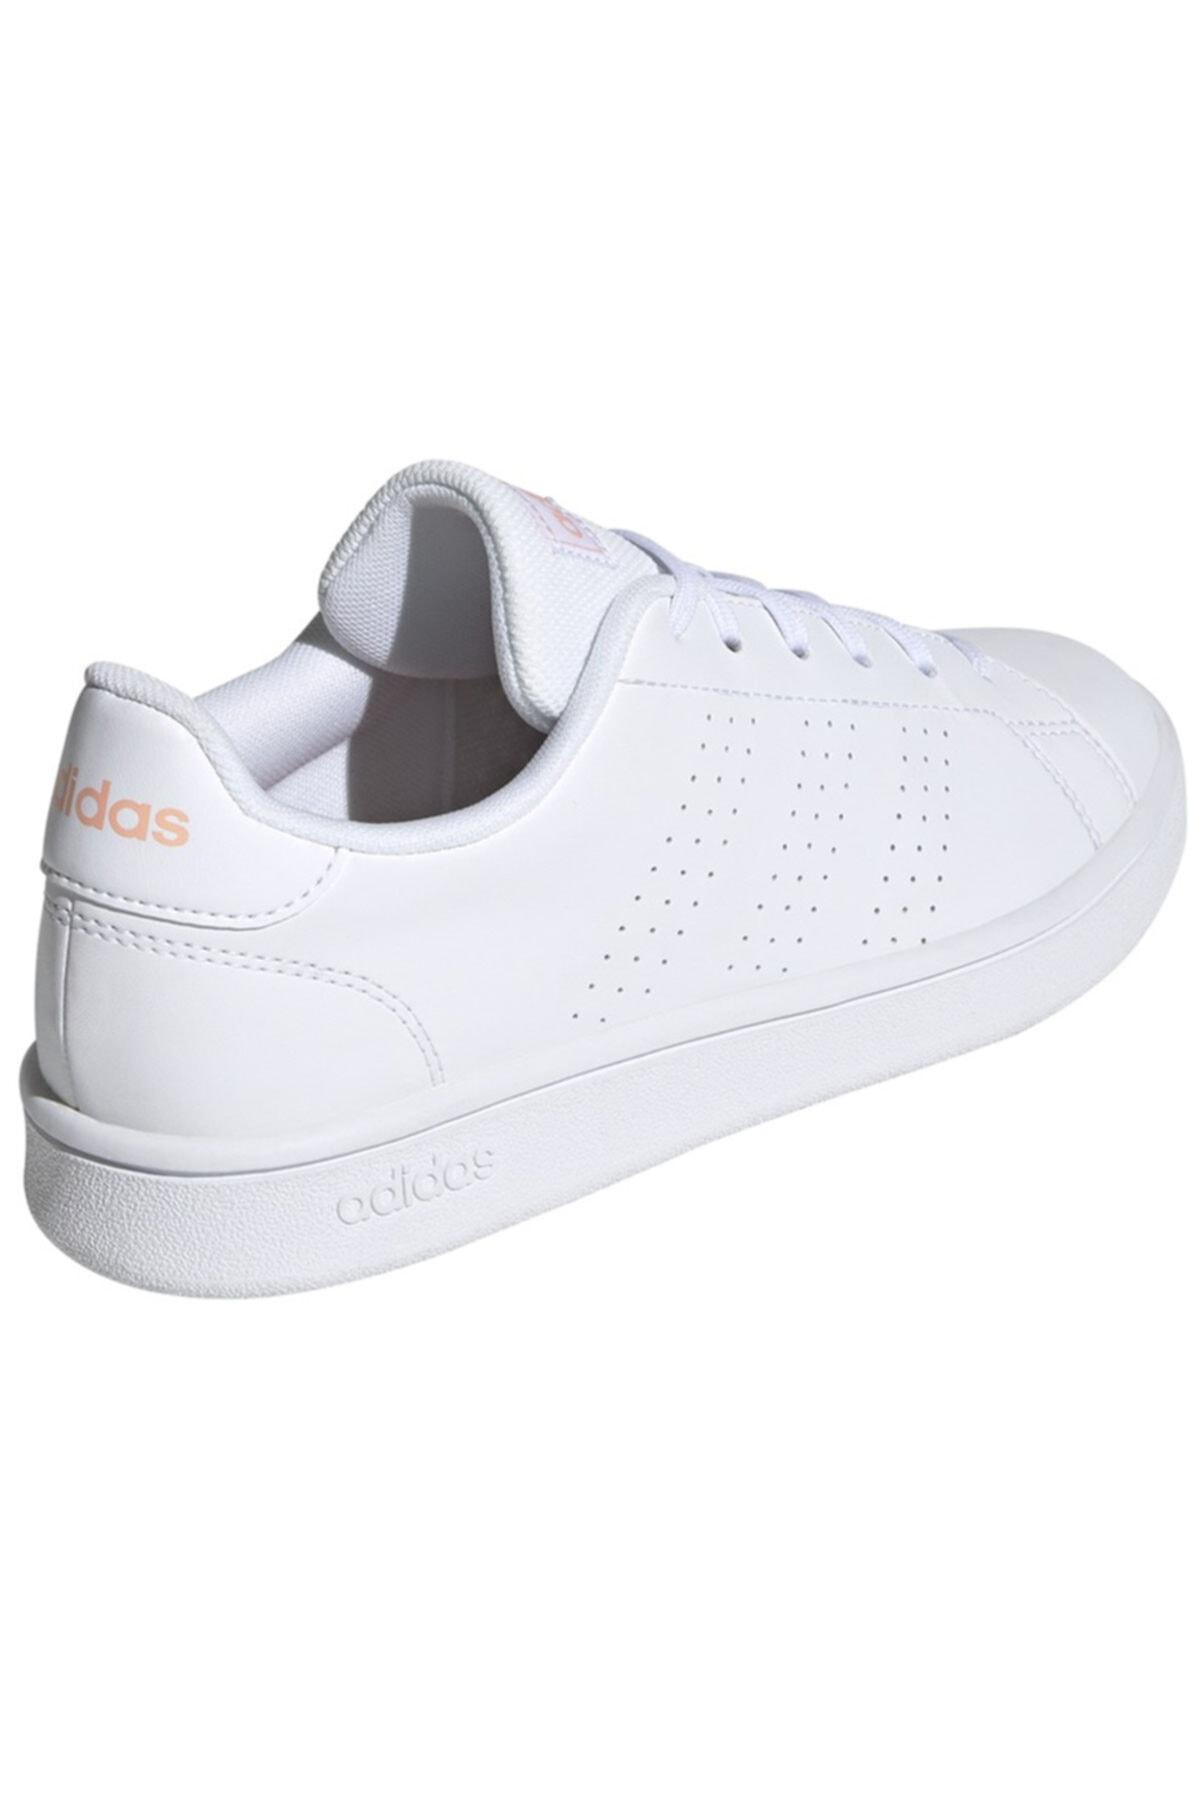 adidas ADVANTAGE BASE Beyaz Kadın Sneaker Ayakkabı 100481838 2